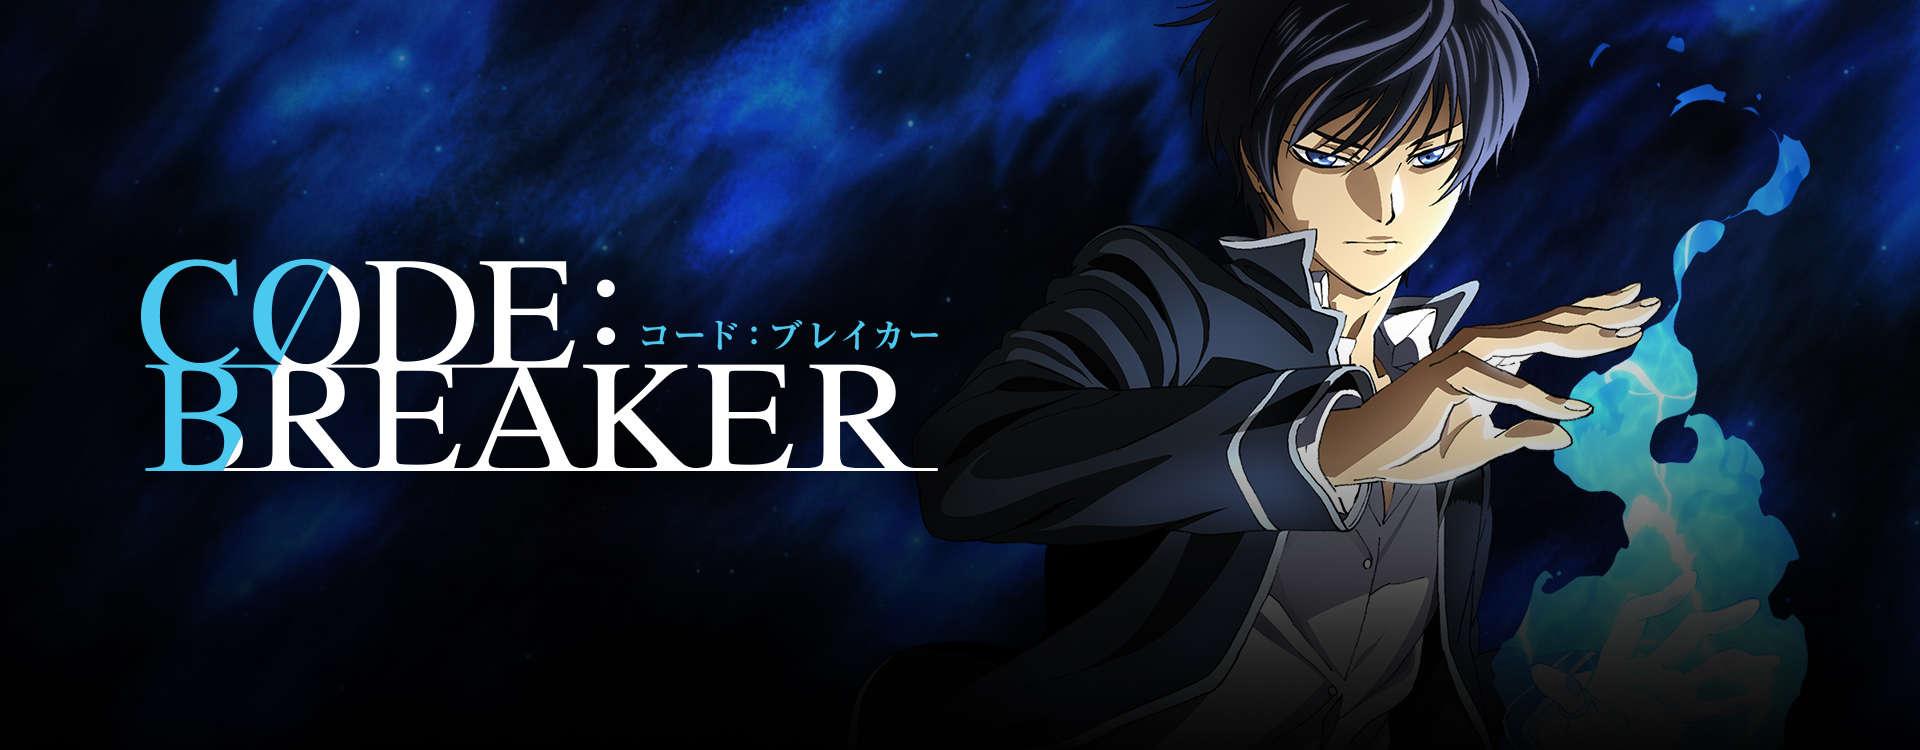 Stream & Watch Code:Breaker Episodes Online - Sub & Dub